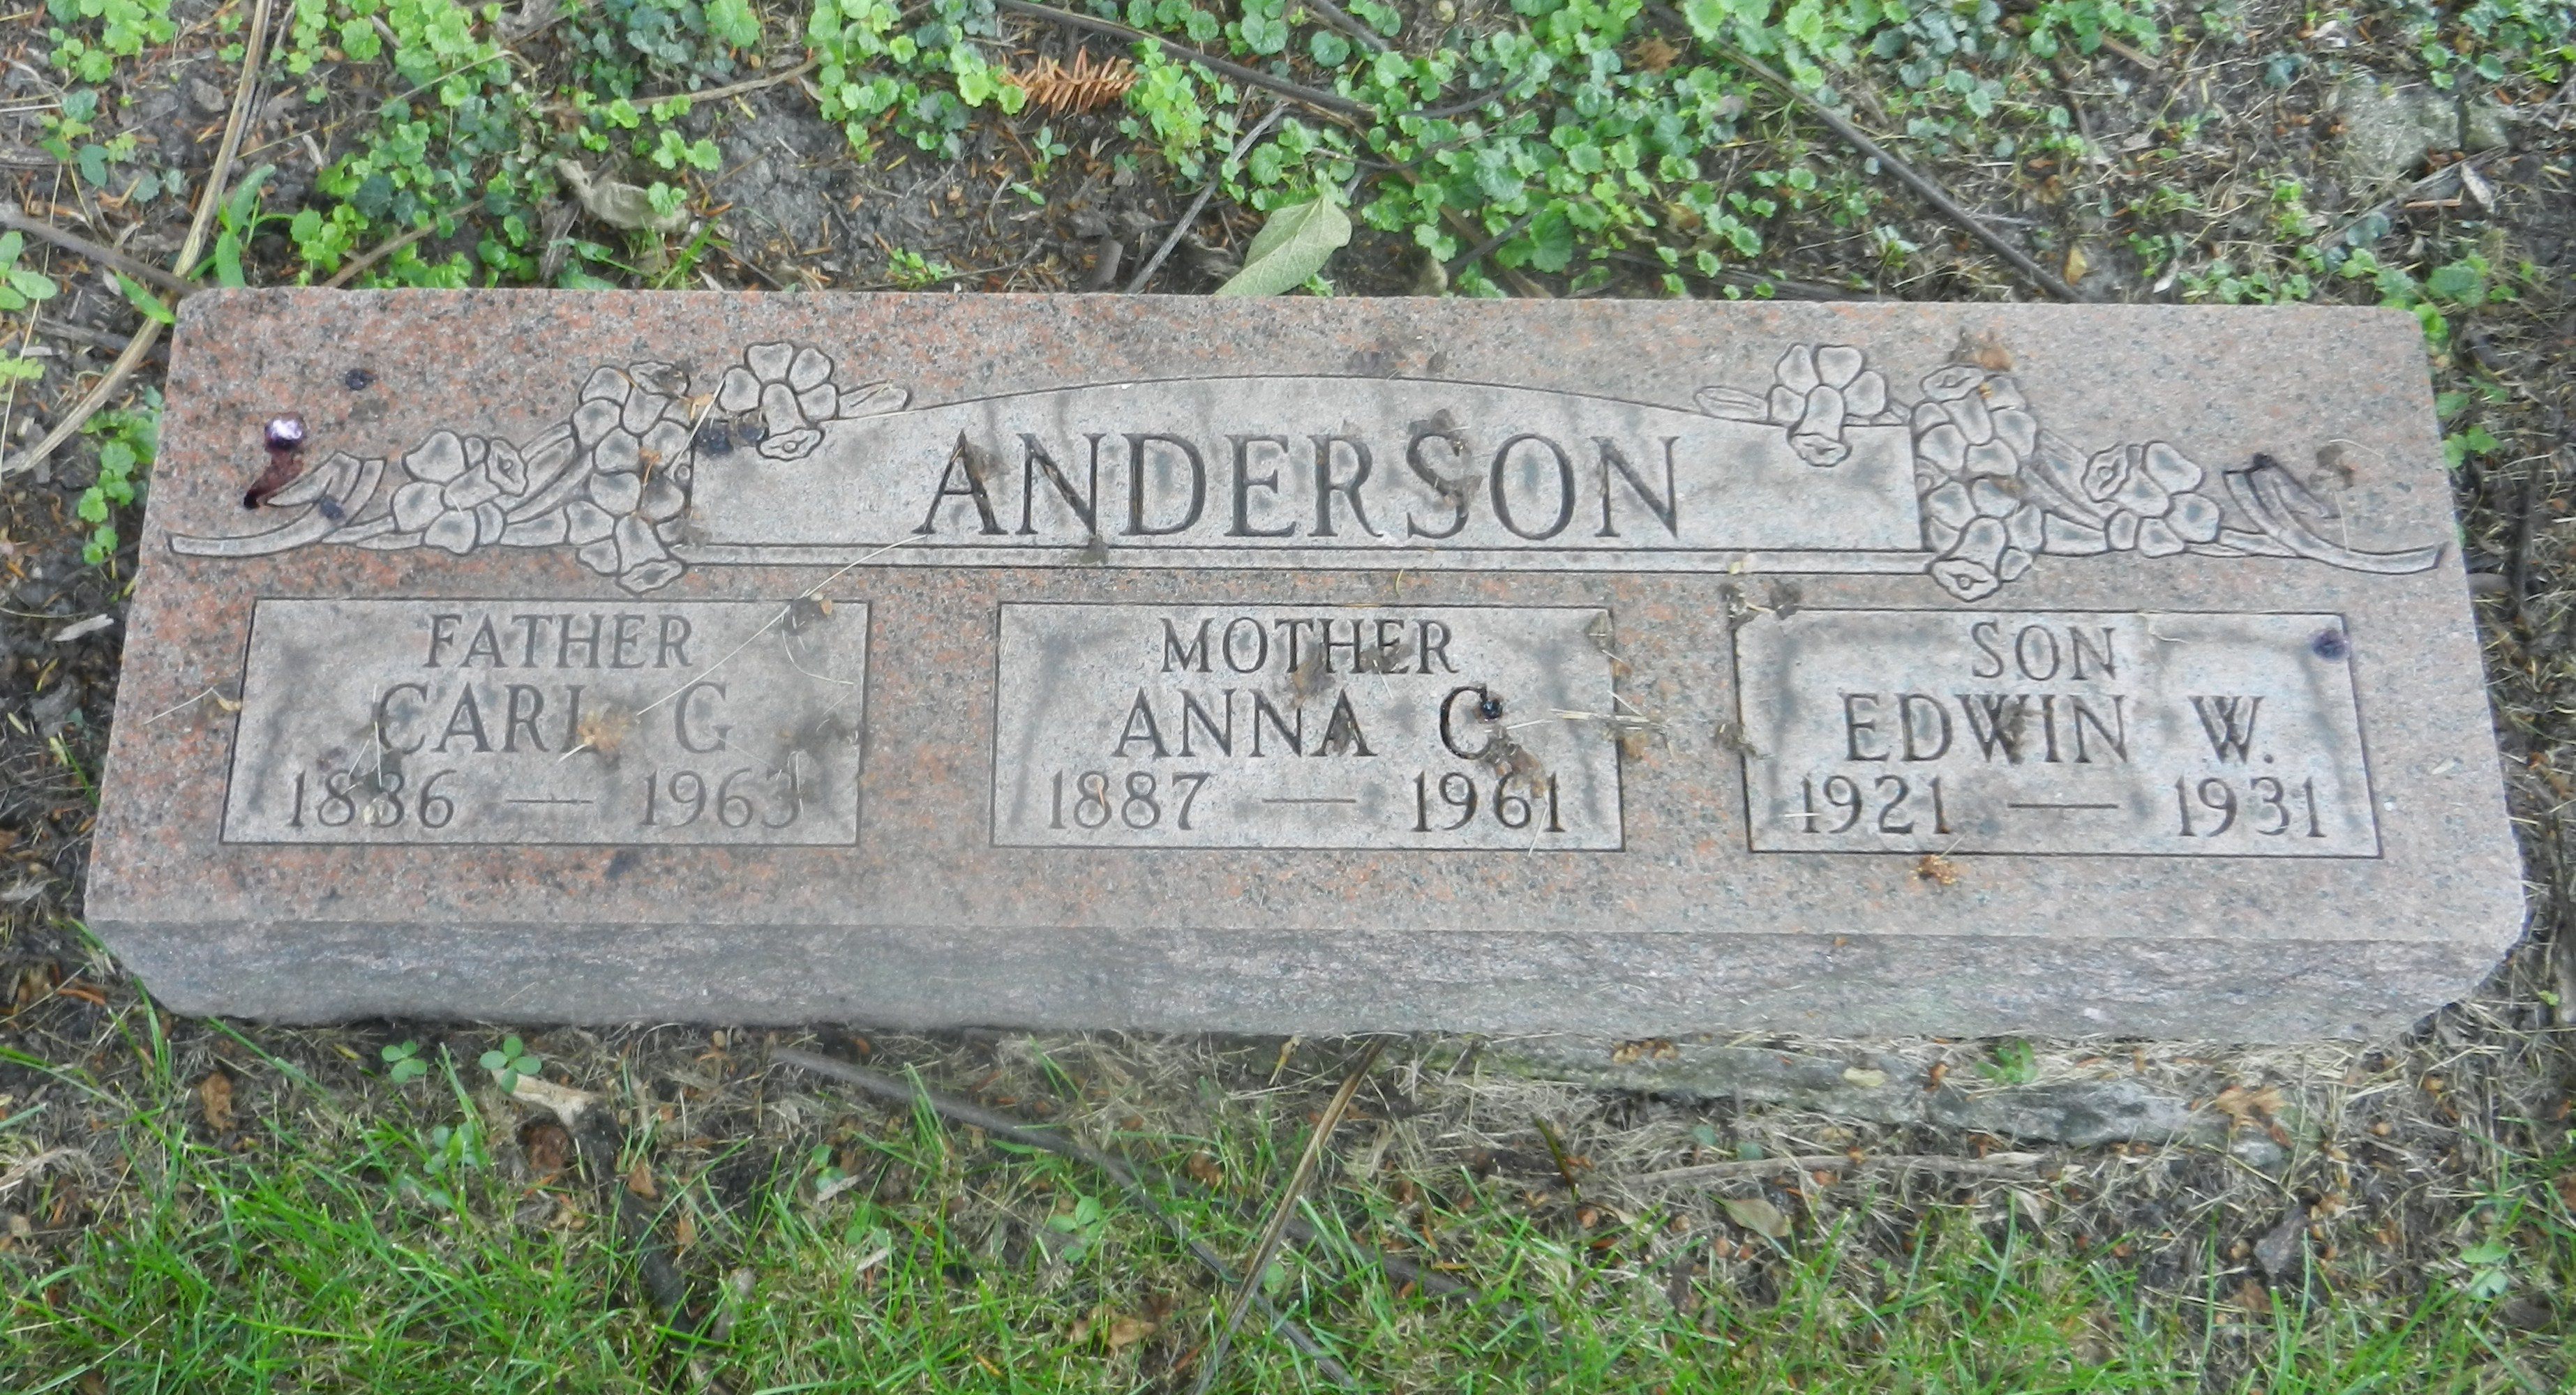 Edwin W Anderson